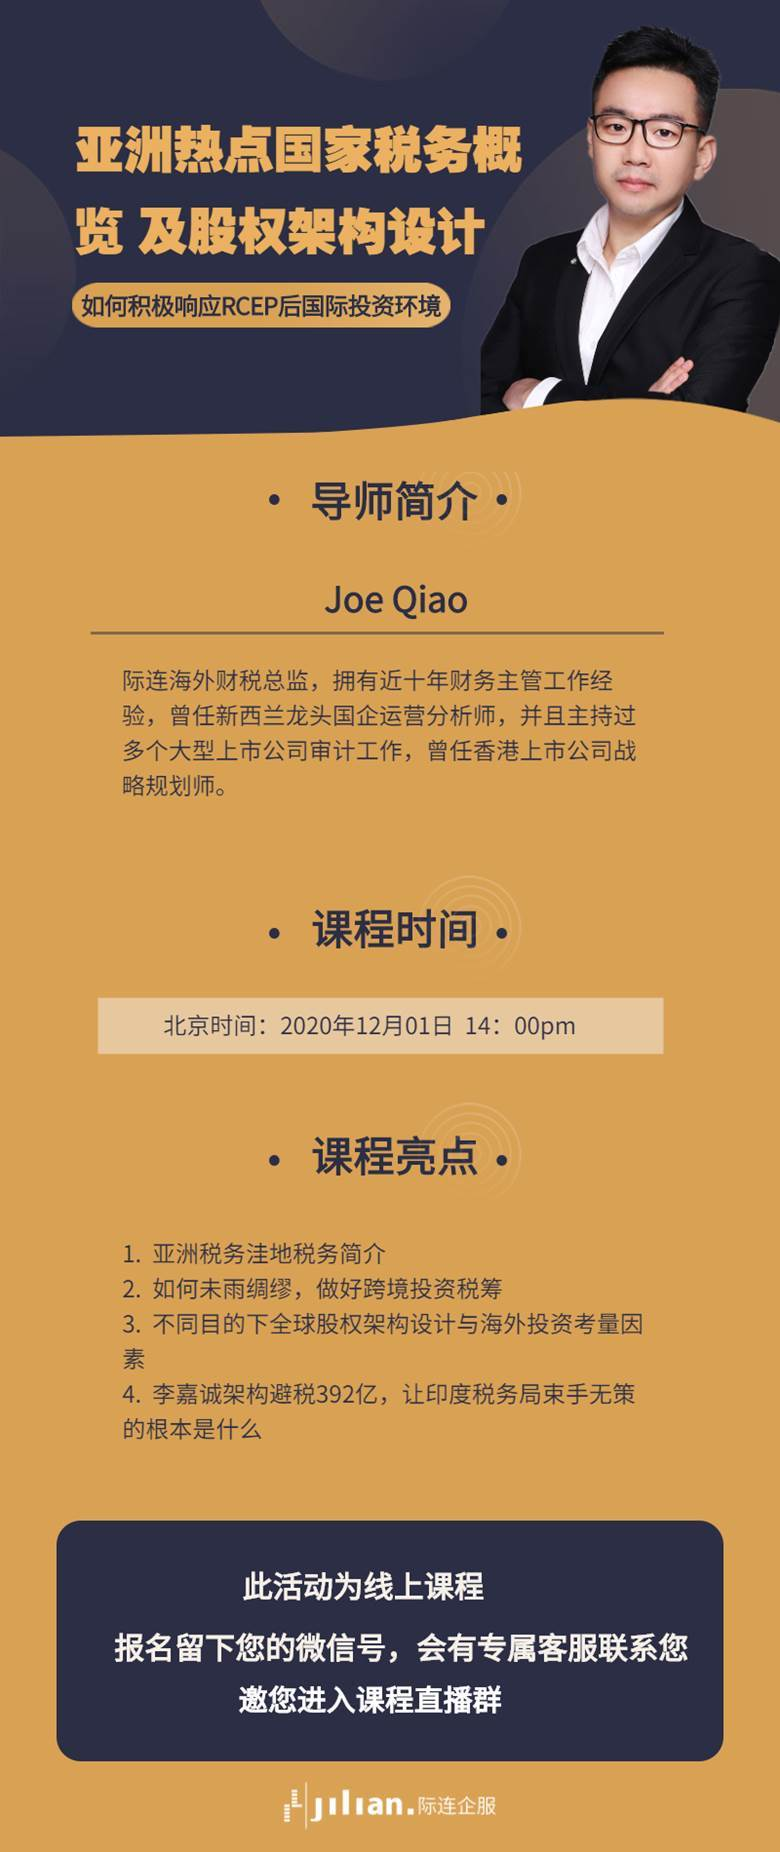 税务课程长图海报 (1).jpg